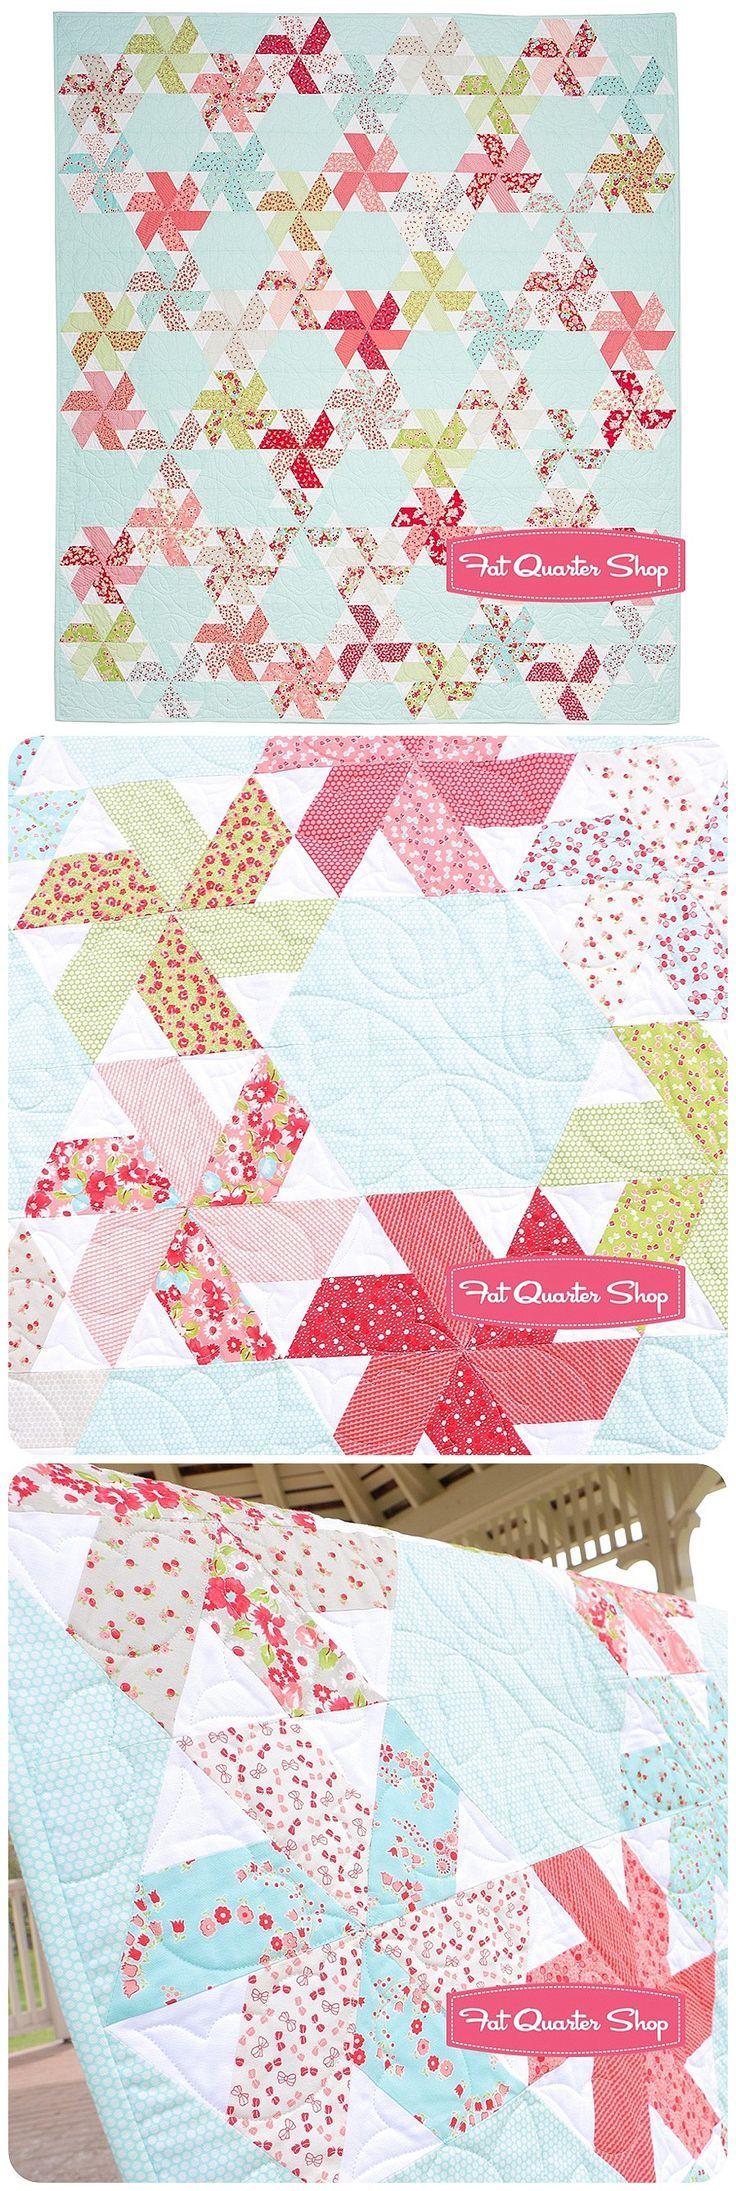 4657 best Scrap quilts images on Pinterest | Quilt patterns, Quilt ...